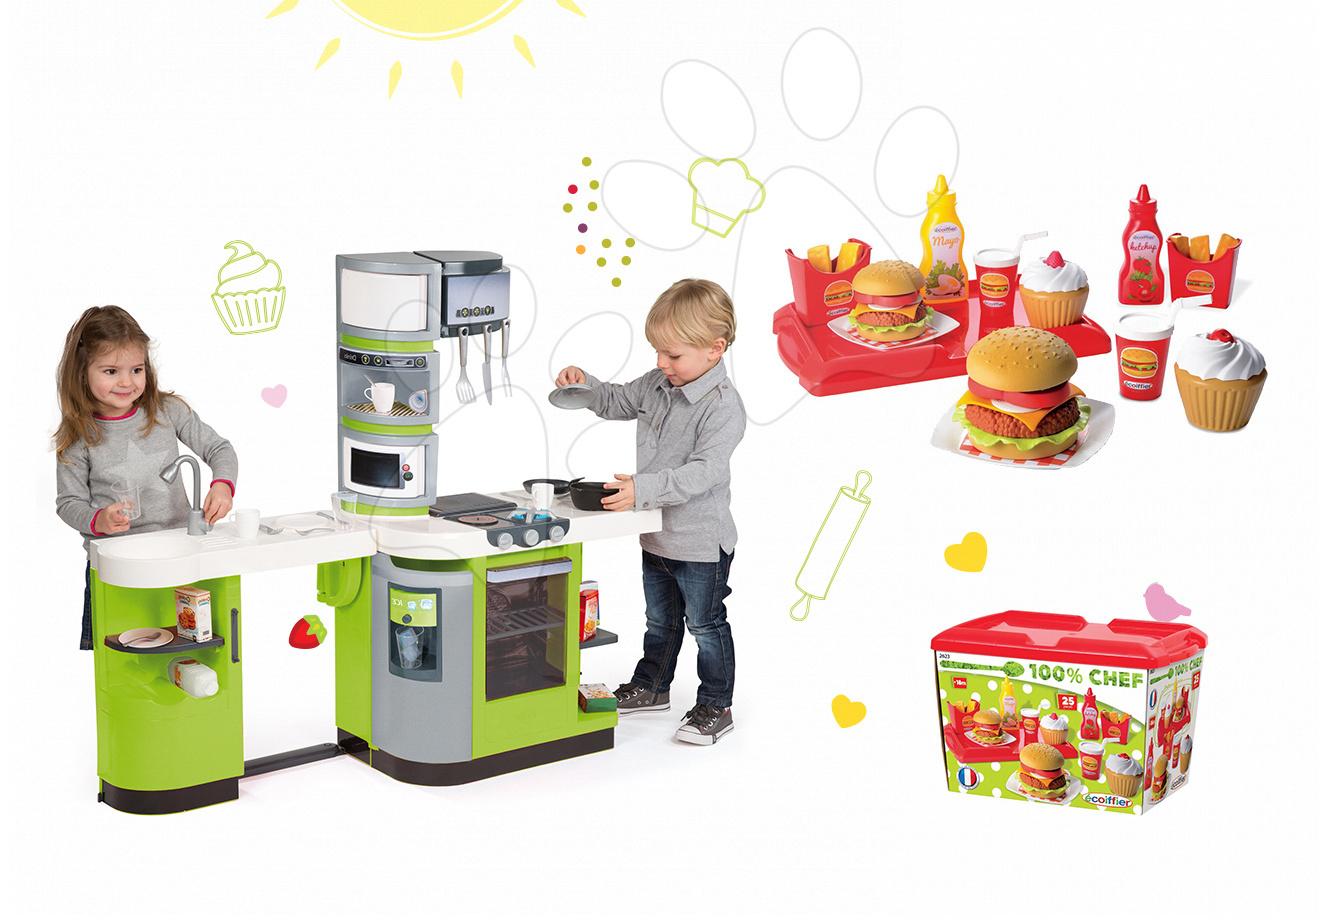 Kuchynky pre deti sety - Set kuchynka CookMaster Verte Smoby s ľadom a zvukmi a set hamburgerov 100% Chef